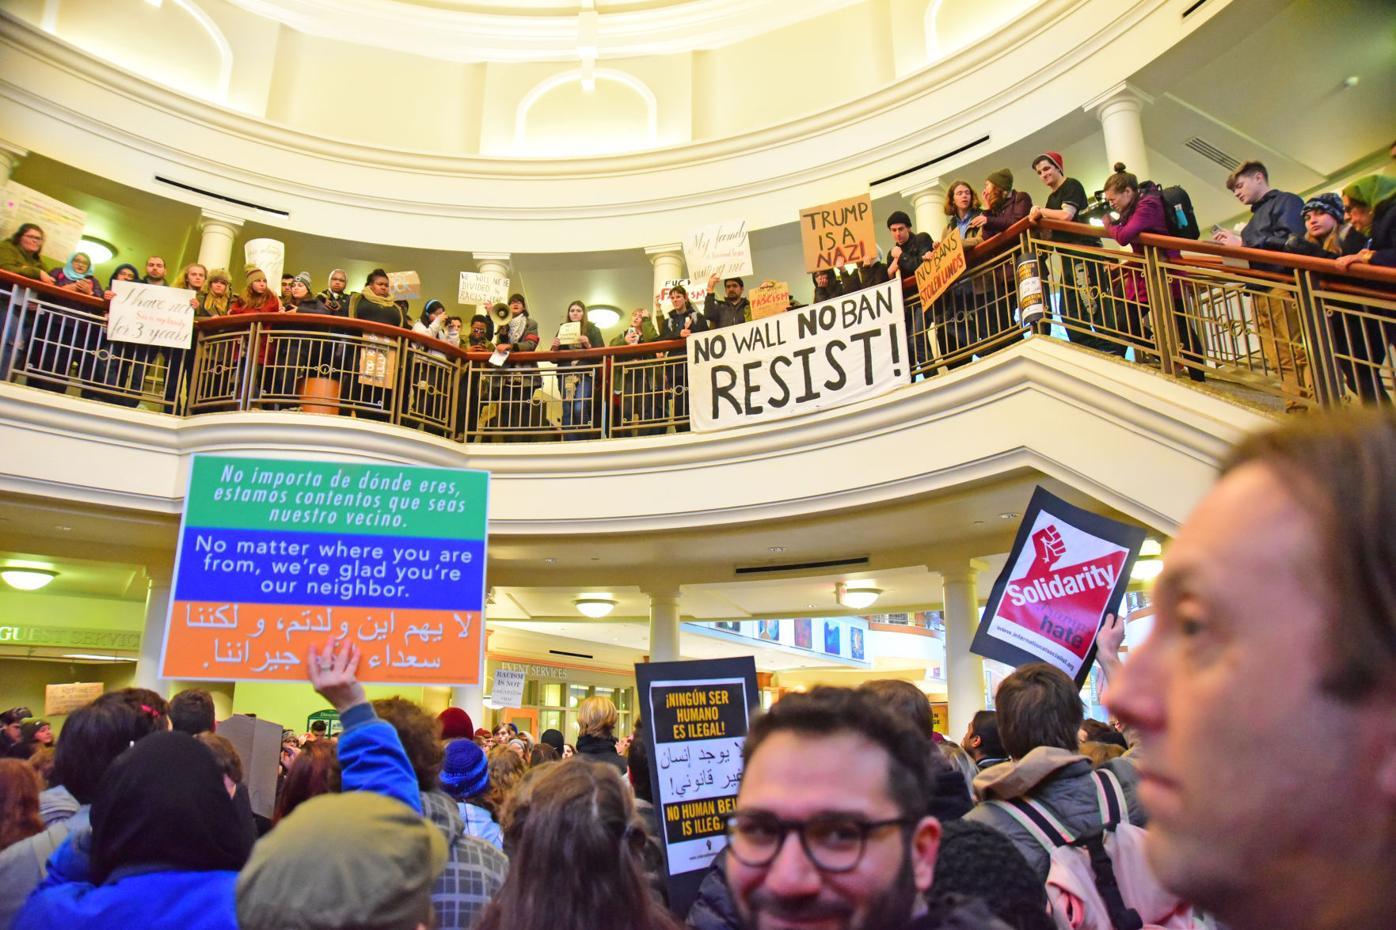 Sit-in demonstration at Ohio University's Baker Center